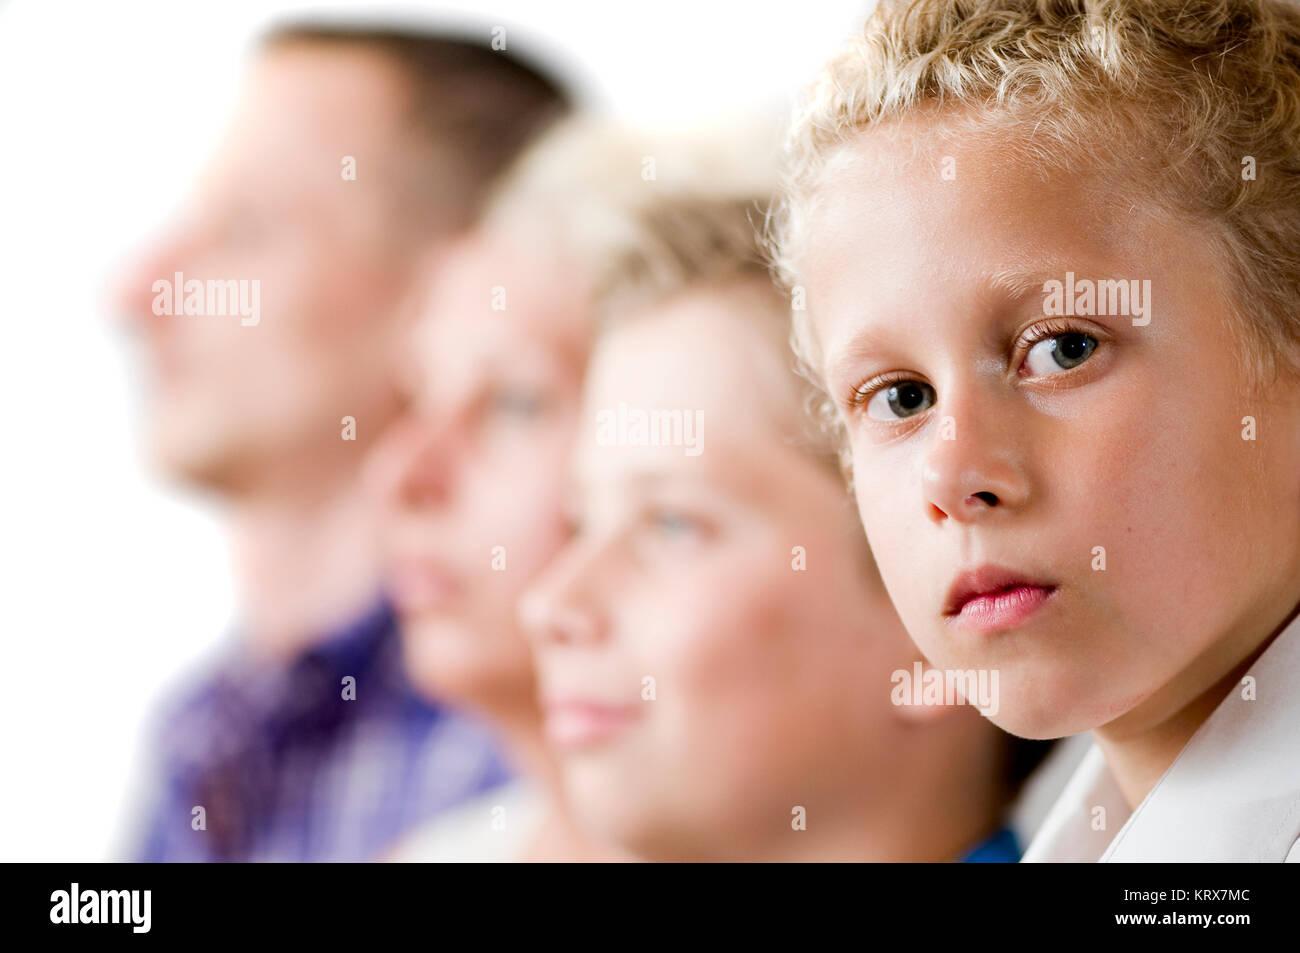 Seitenansicht einer Familie mit zwei halbwüchsigen Söhnen. Jüngster Sohn im Fokus blickt ernst in - Stock Image